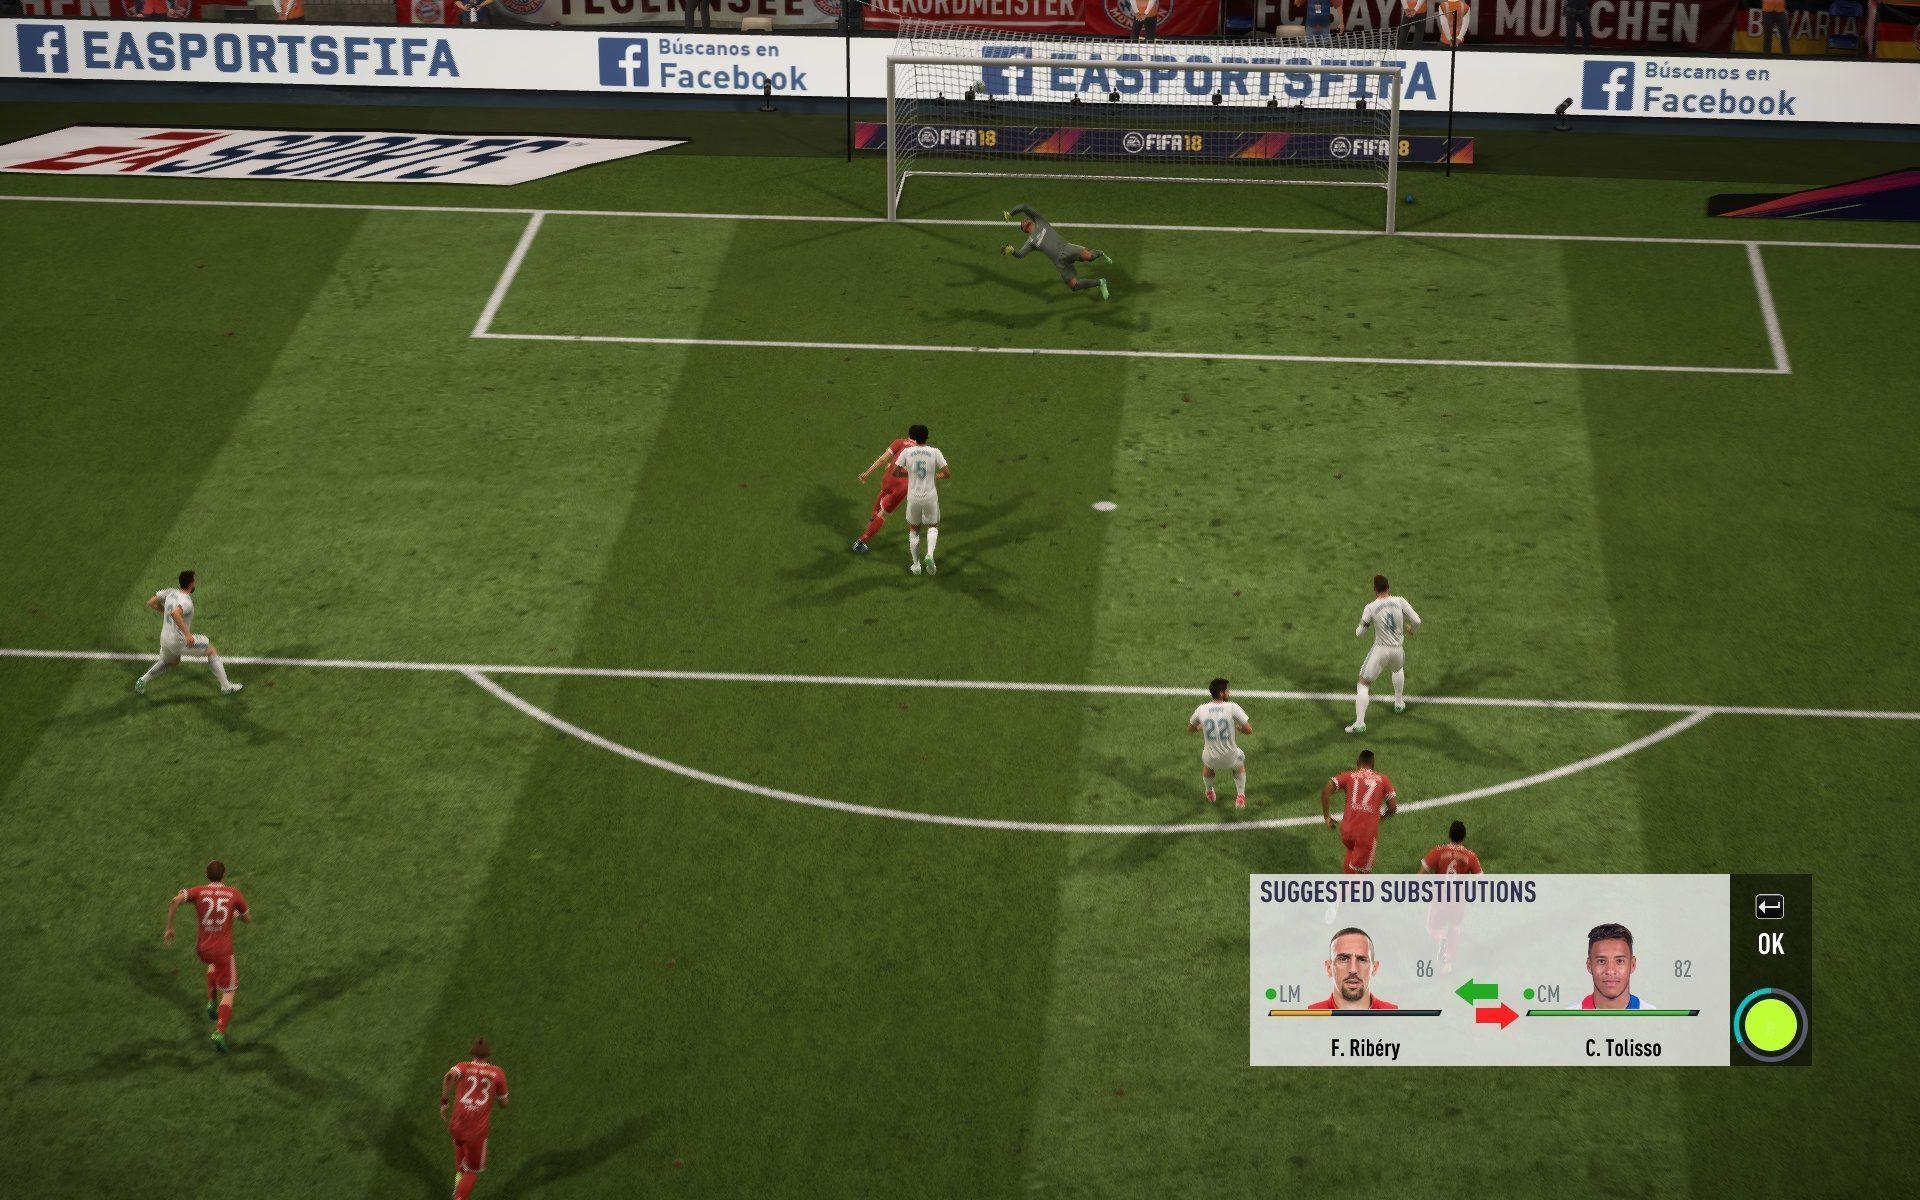 A apărut FIFA 18